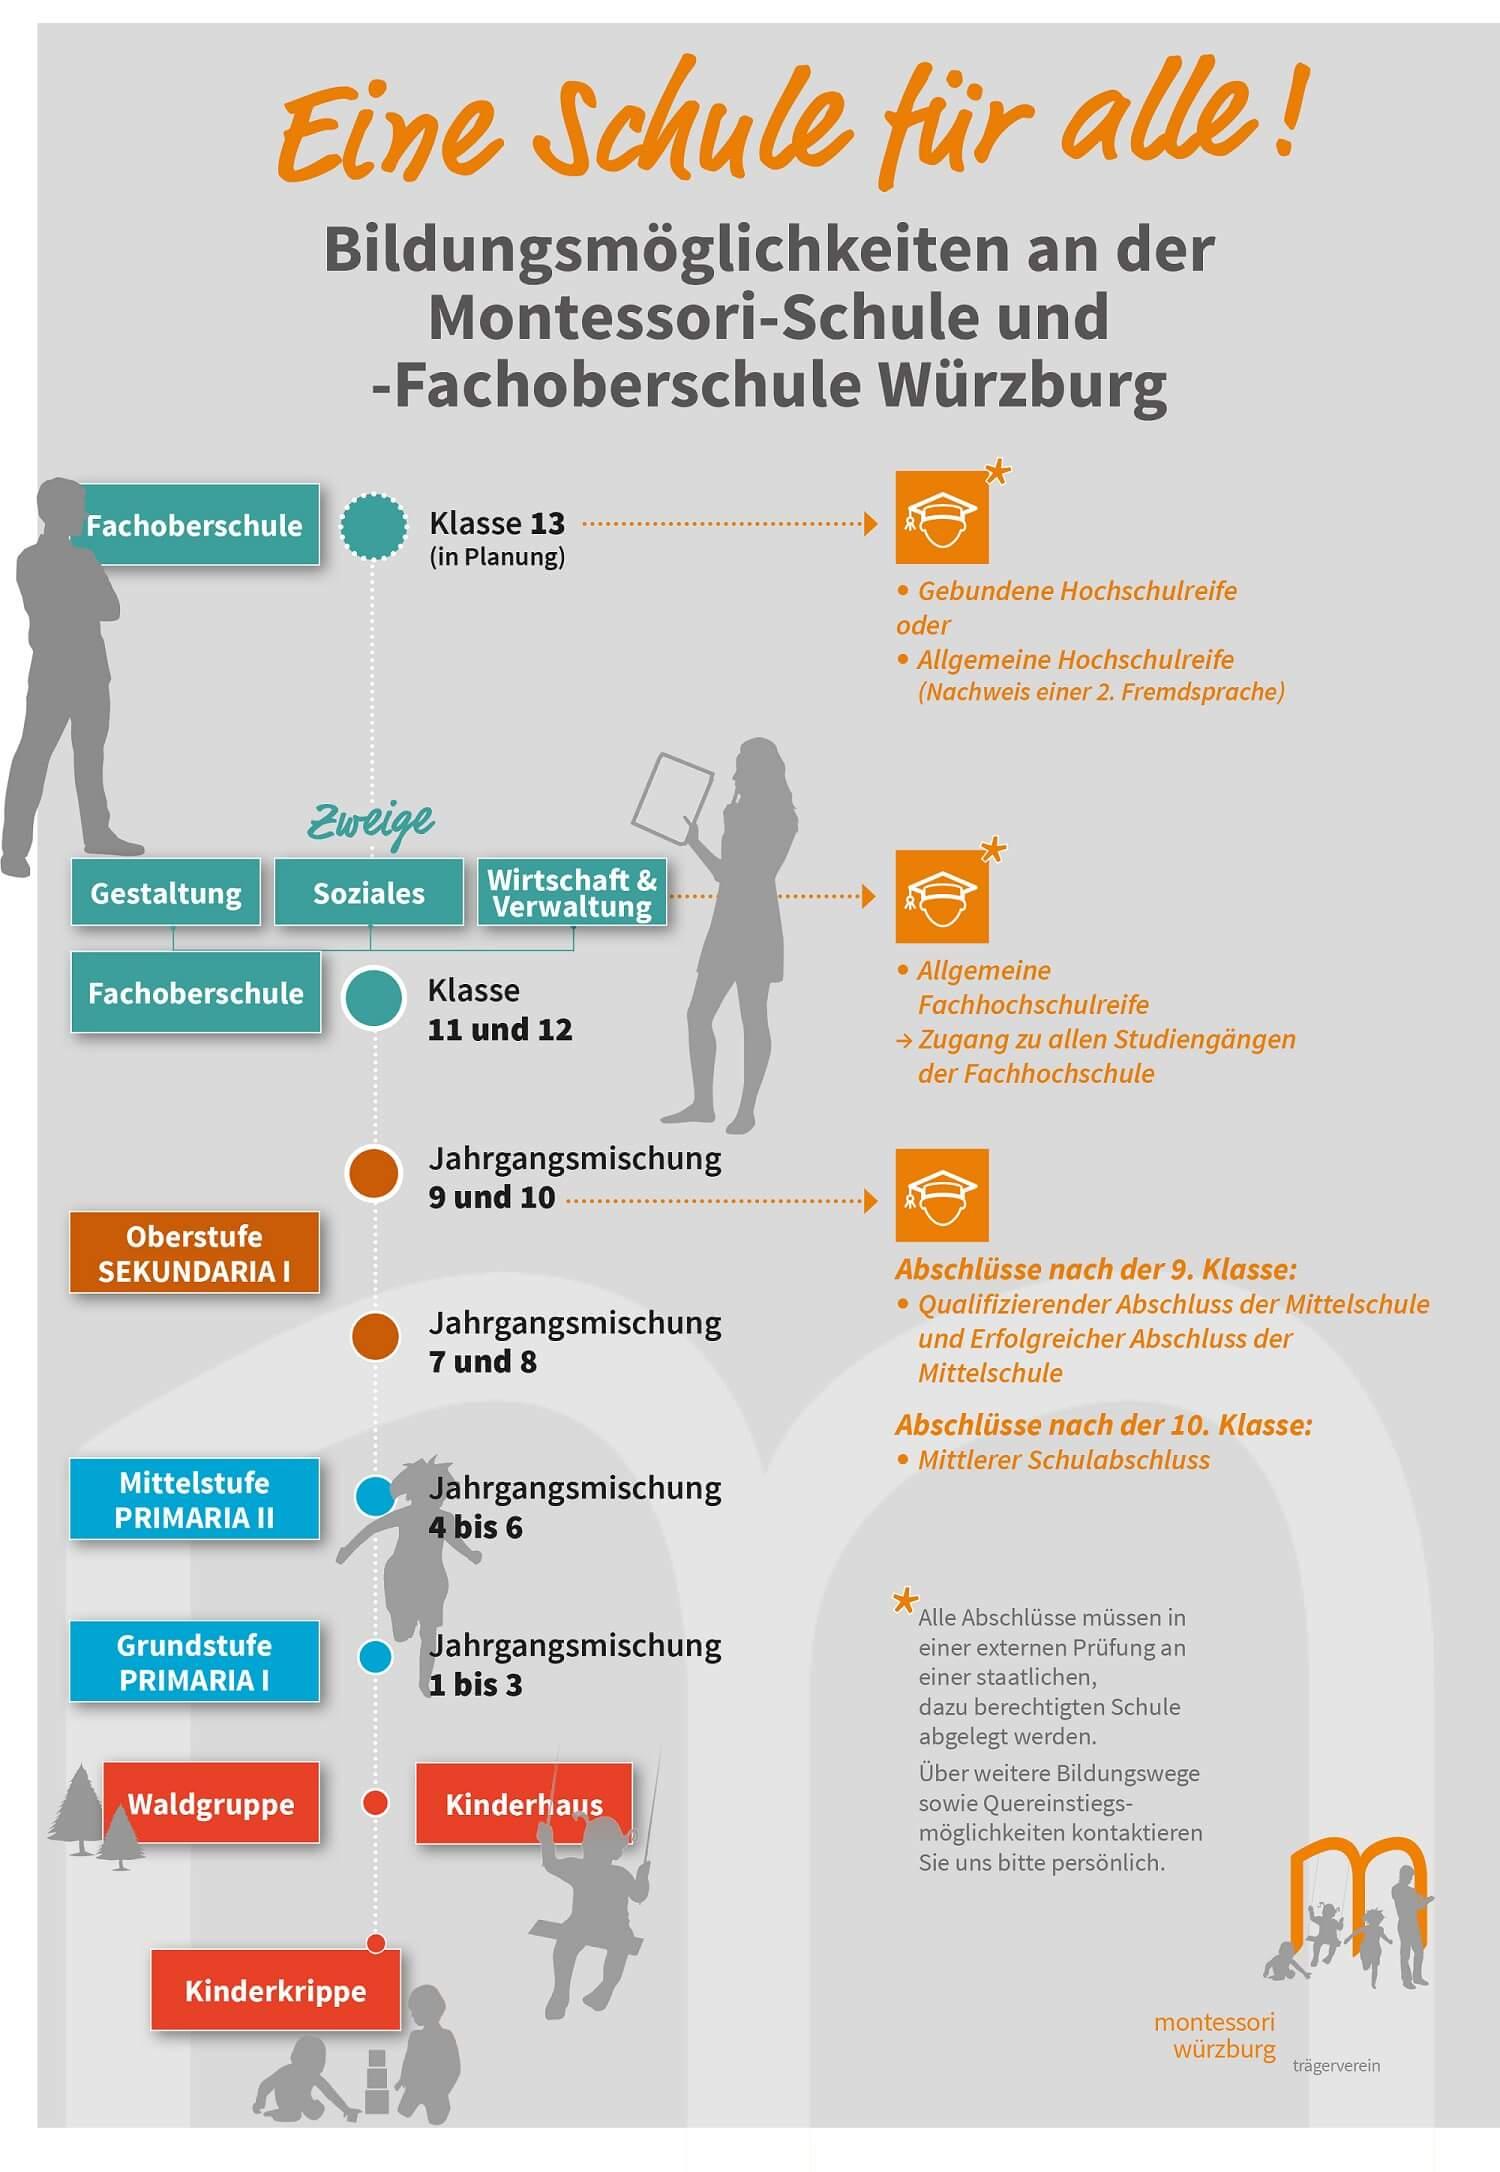 Bildungsmöglichkeiten im Montessori Trägerverein Würzburg